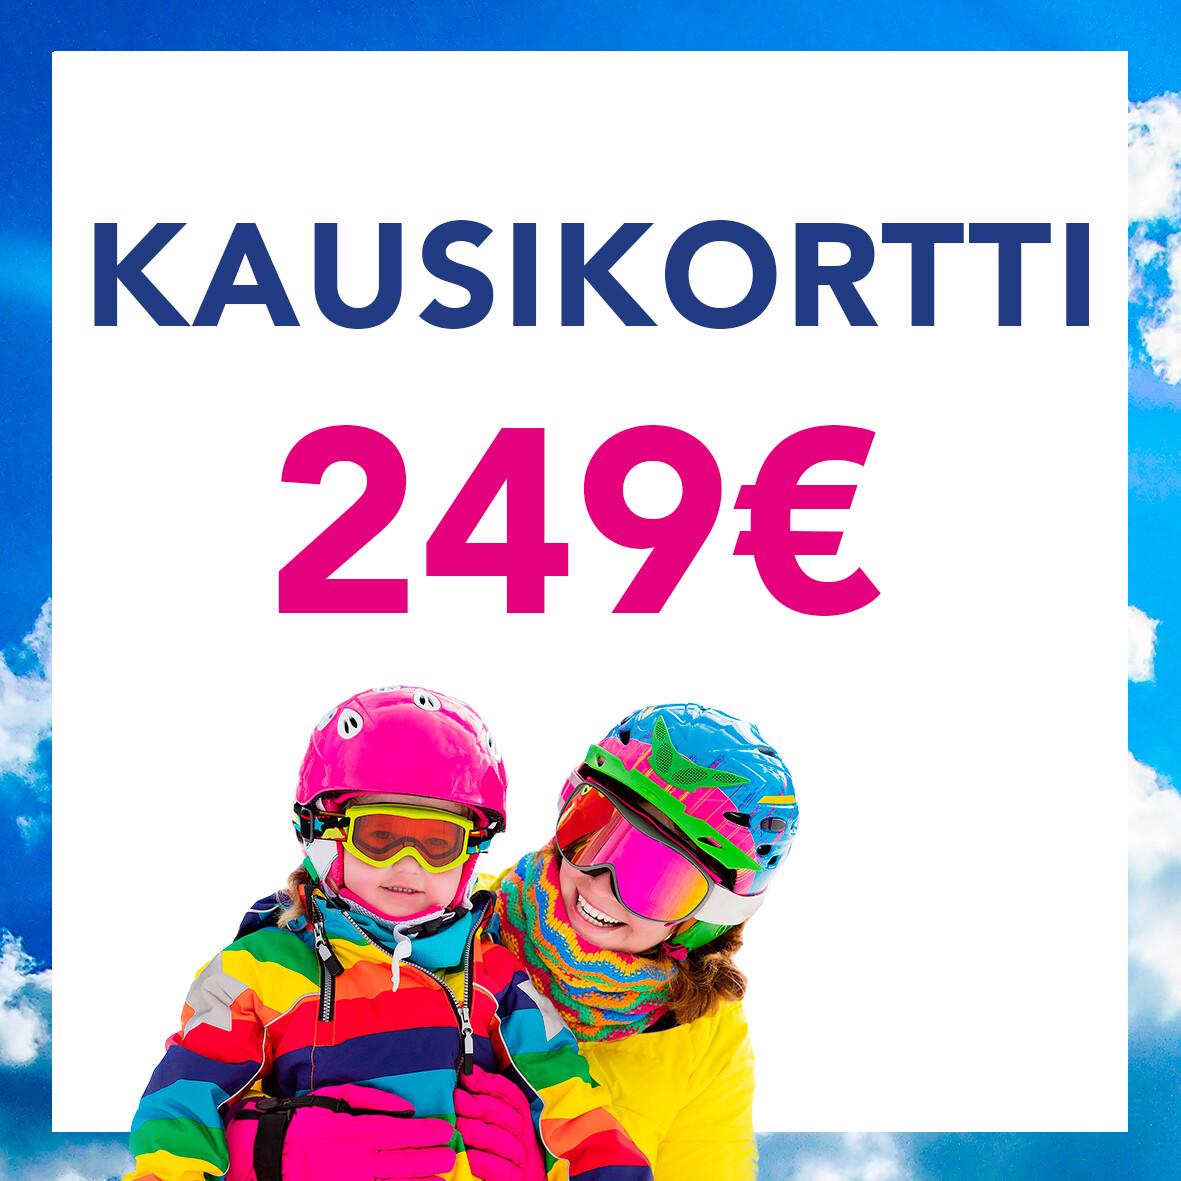 Kausikortti 249€ (tarjous)